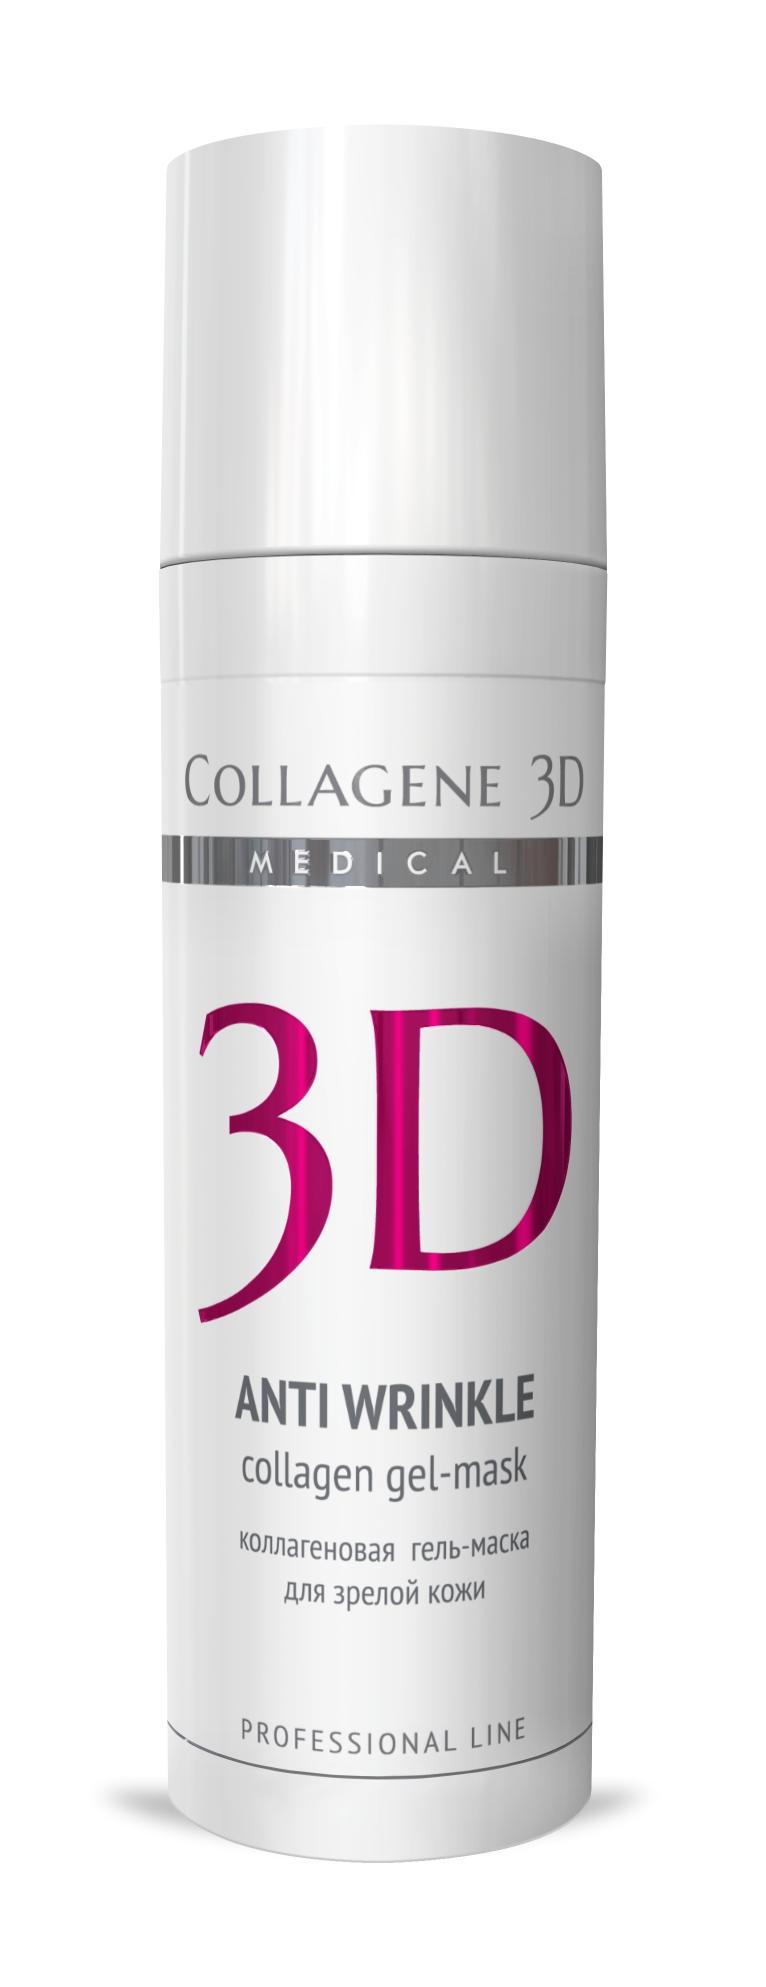 MEDICAL COLLAGENE 3D Гель-маска коллагеновая с плацентолью Anti Wrinkle 30мл проф.